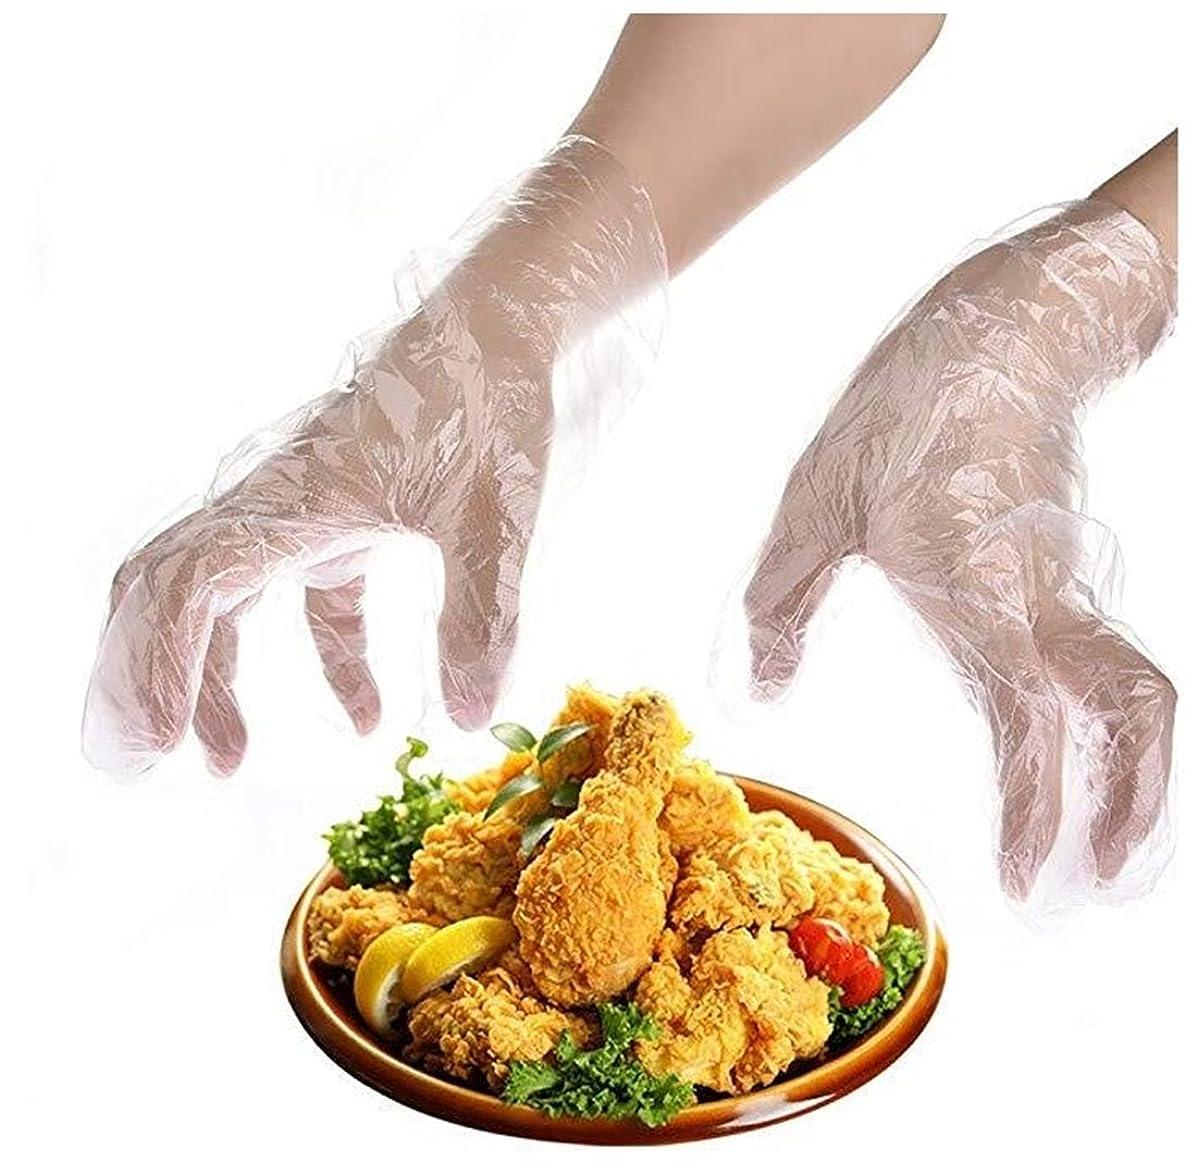 急流にじみ出る三番Heyuni.使い捨て手袋 極薄ビニール手袋 ポリエチレン 透明 実用 衛生 100枚